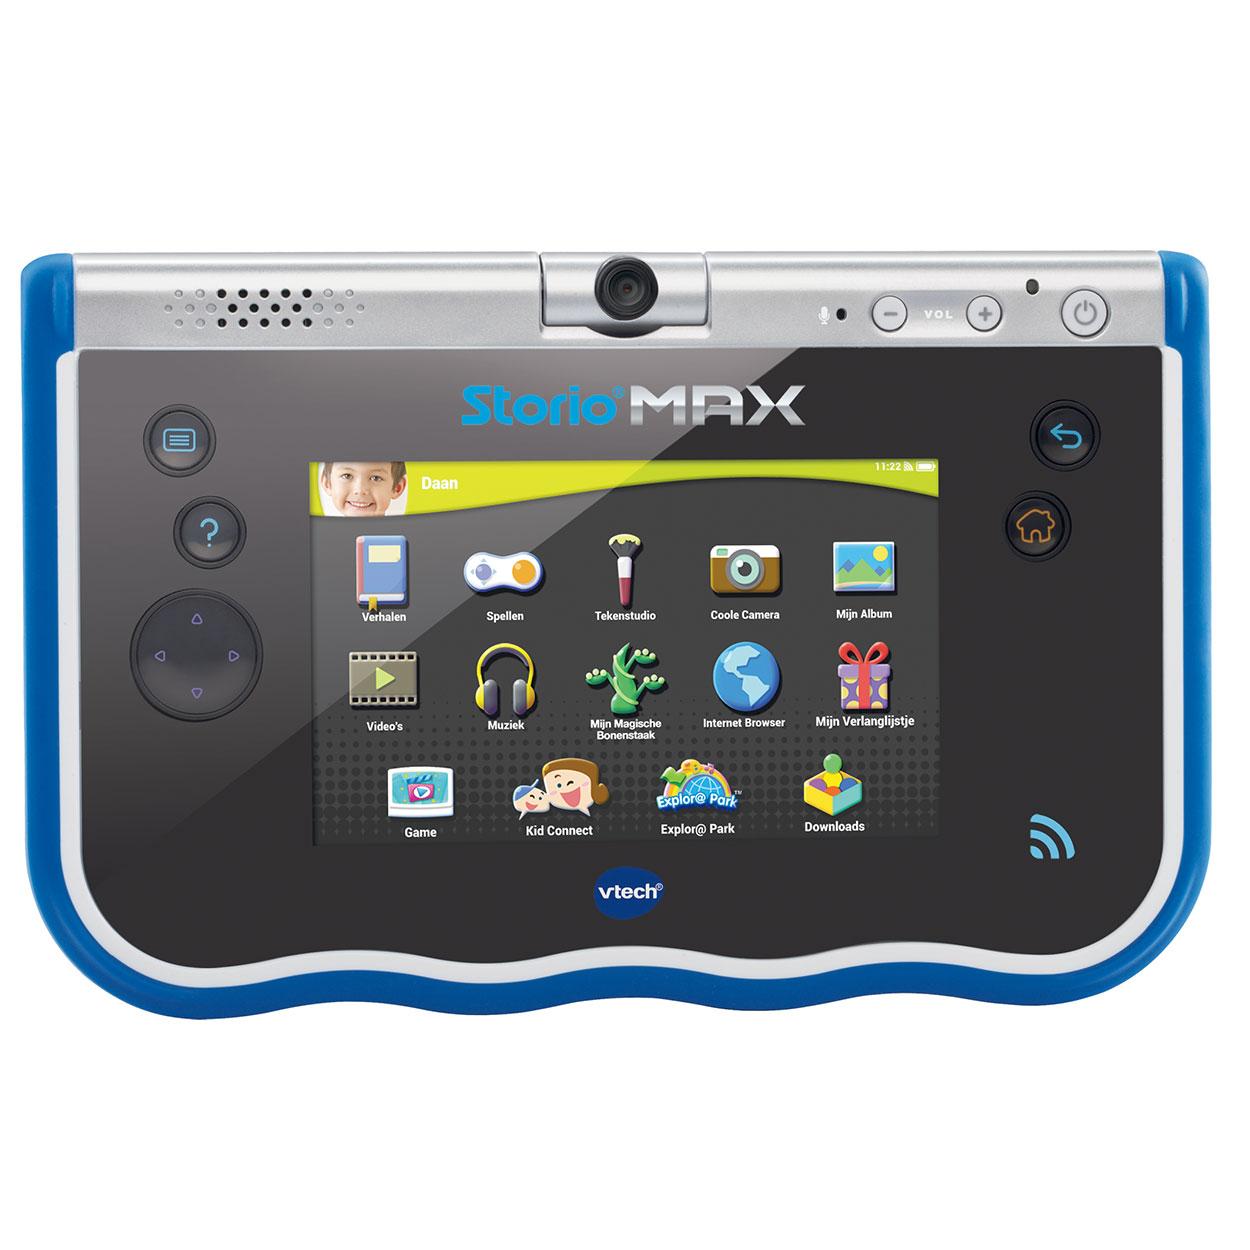 Vtech storio max 5 nl blauw online kopen for Housse storio max 5